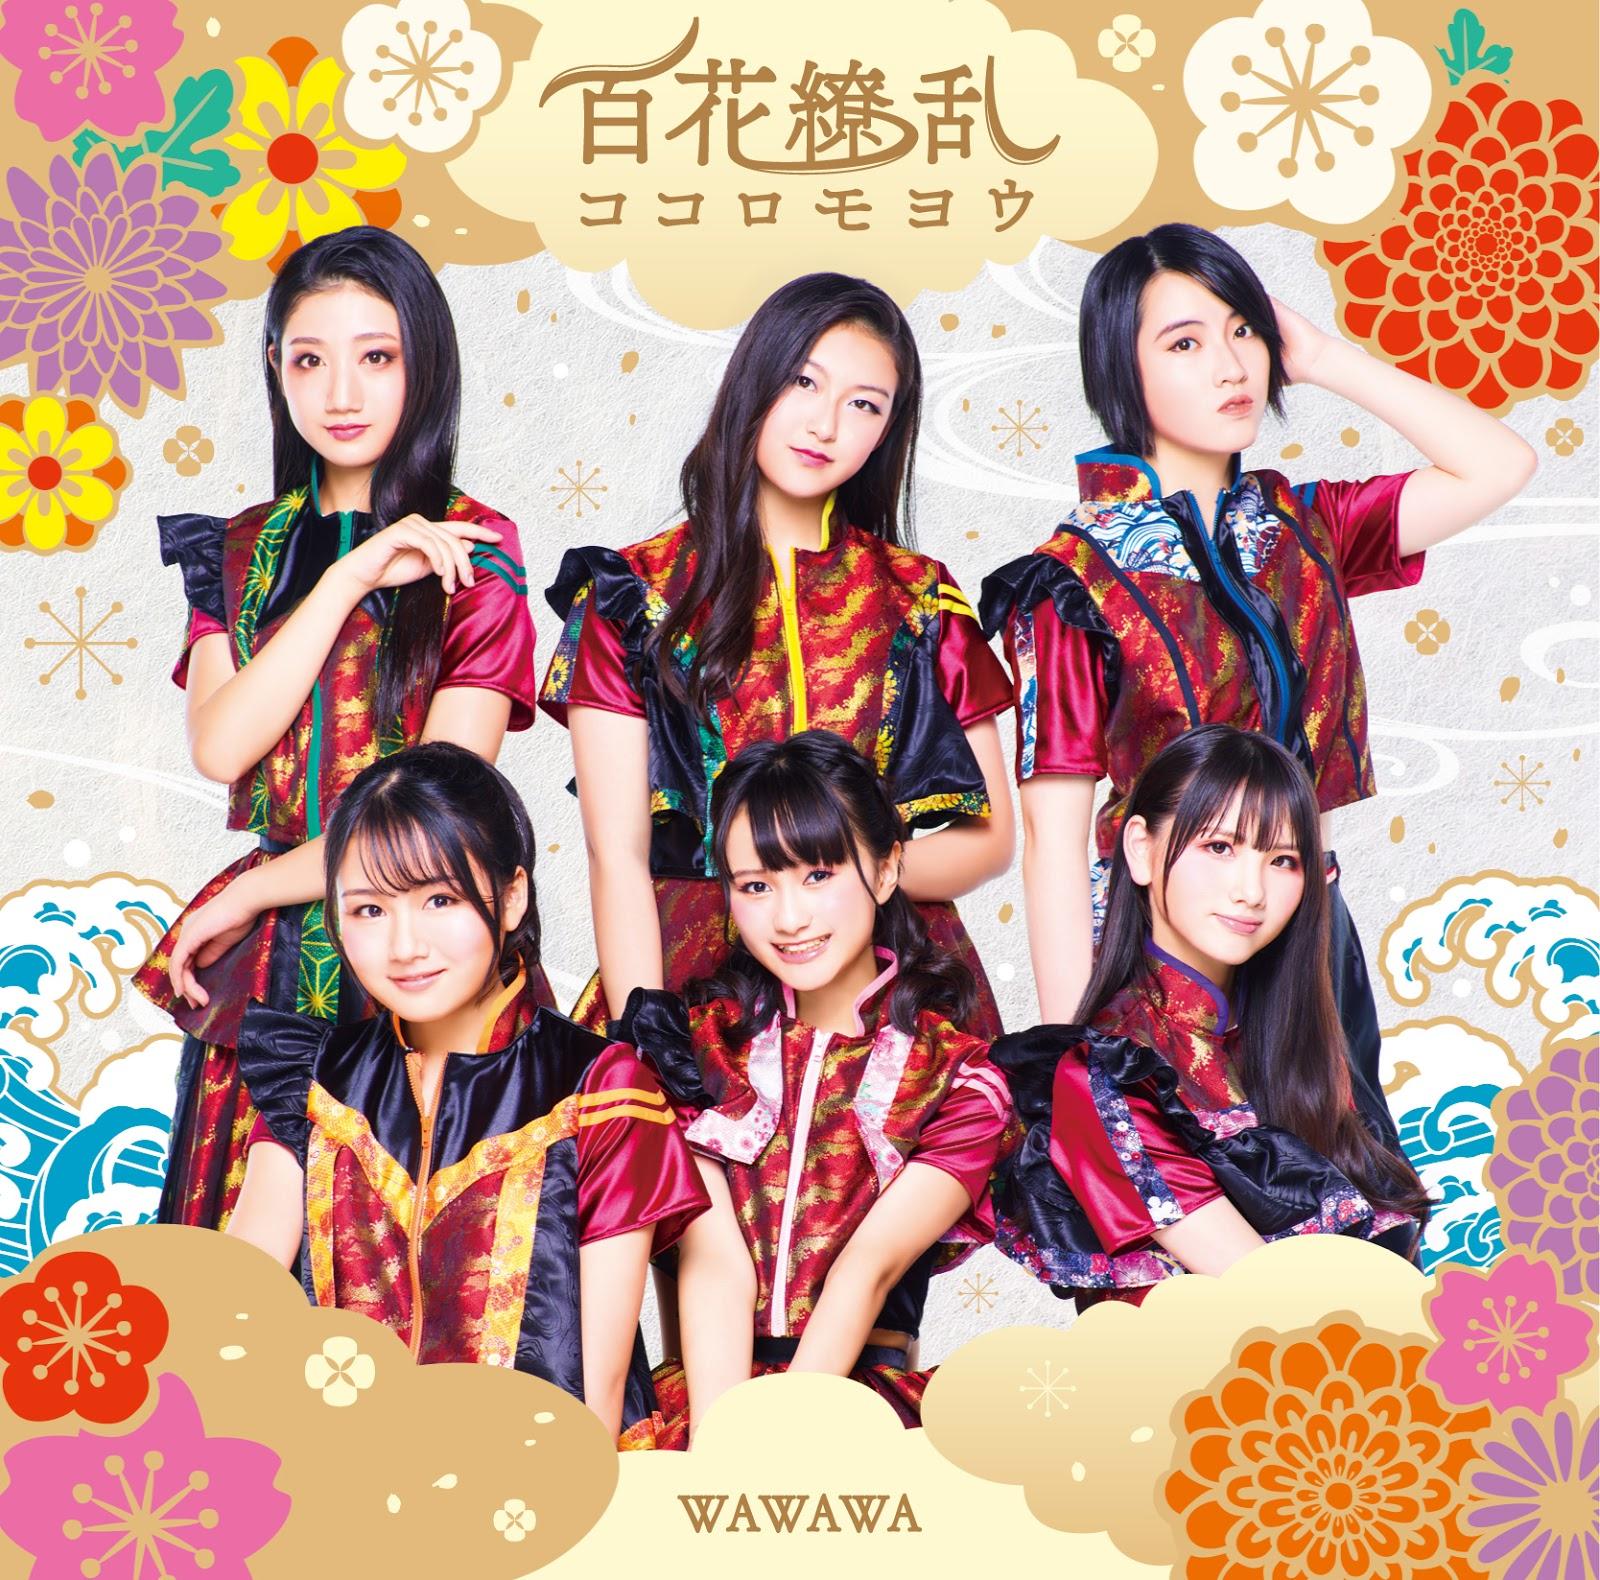 WAWAWA - 百花繚乱ココロモヨウ (通常盤Aタイプ) [2020.09.09+MP3+RAR]